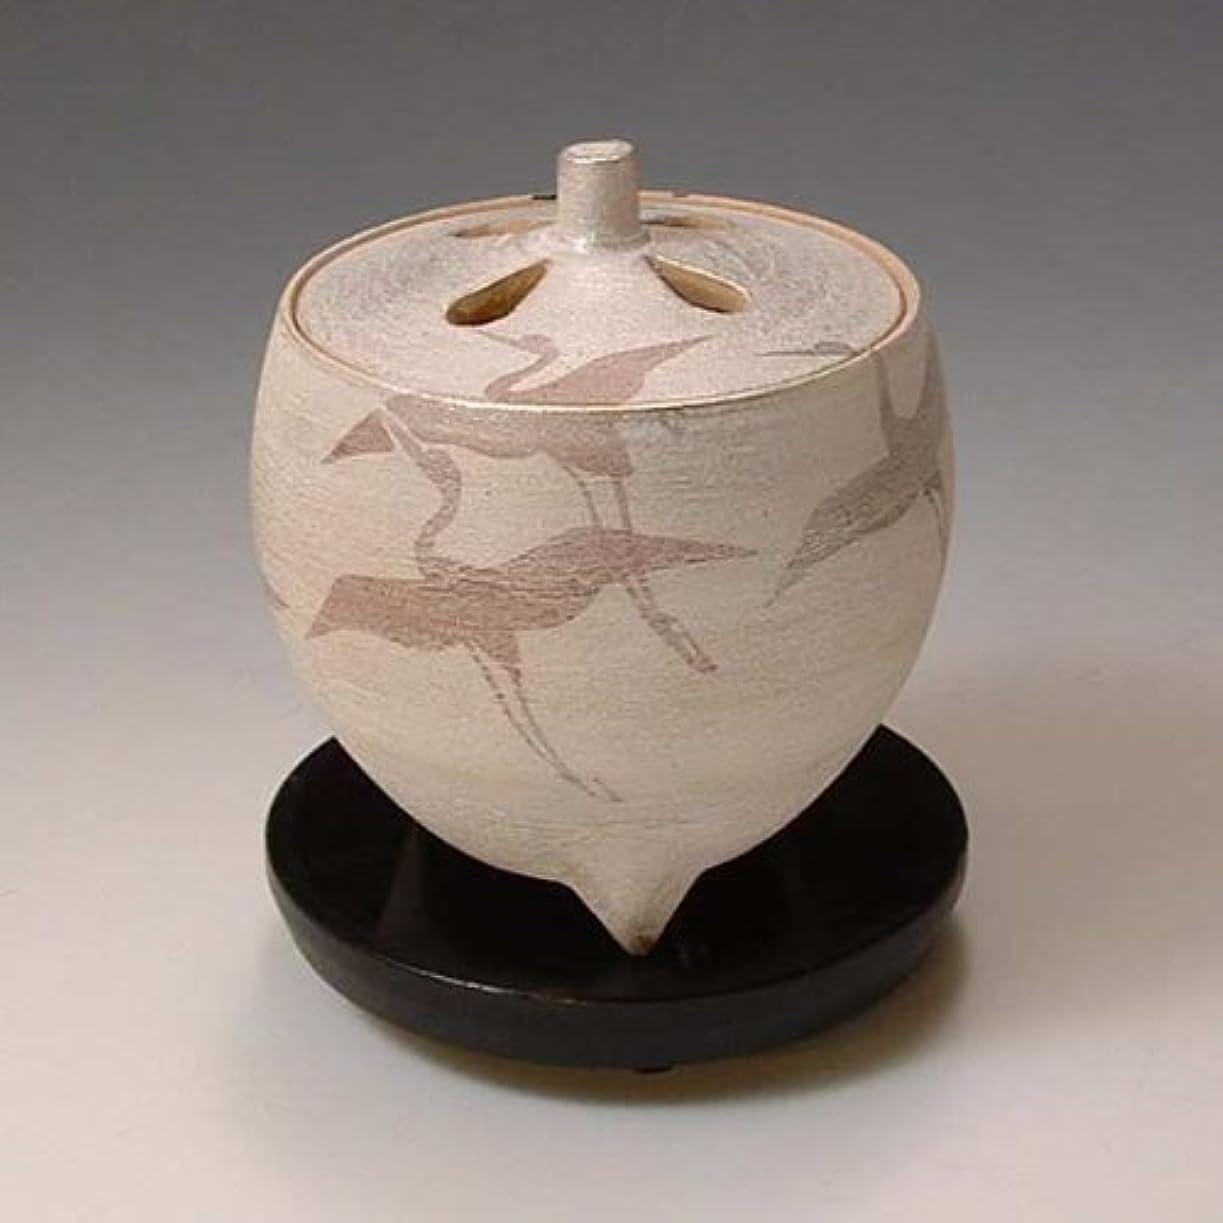 ピグマリオンセールチャネルYXI055 清水焼 京焼 豆香炉(黒台付) ギフト 翔鶴 しょうかく